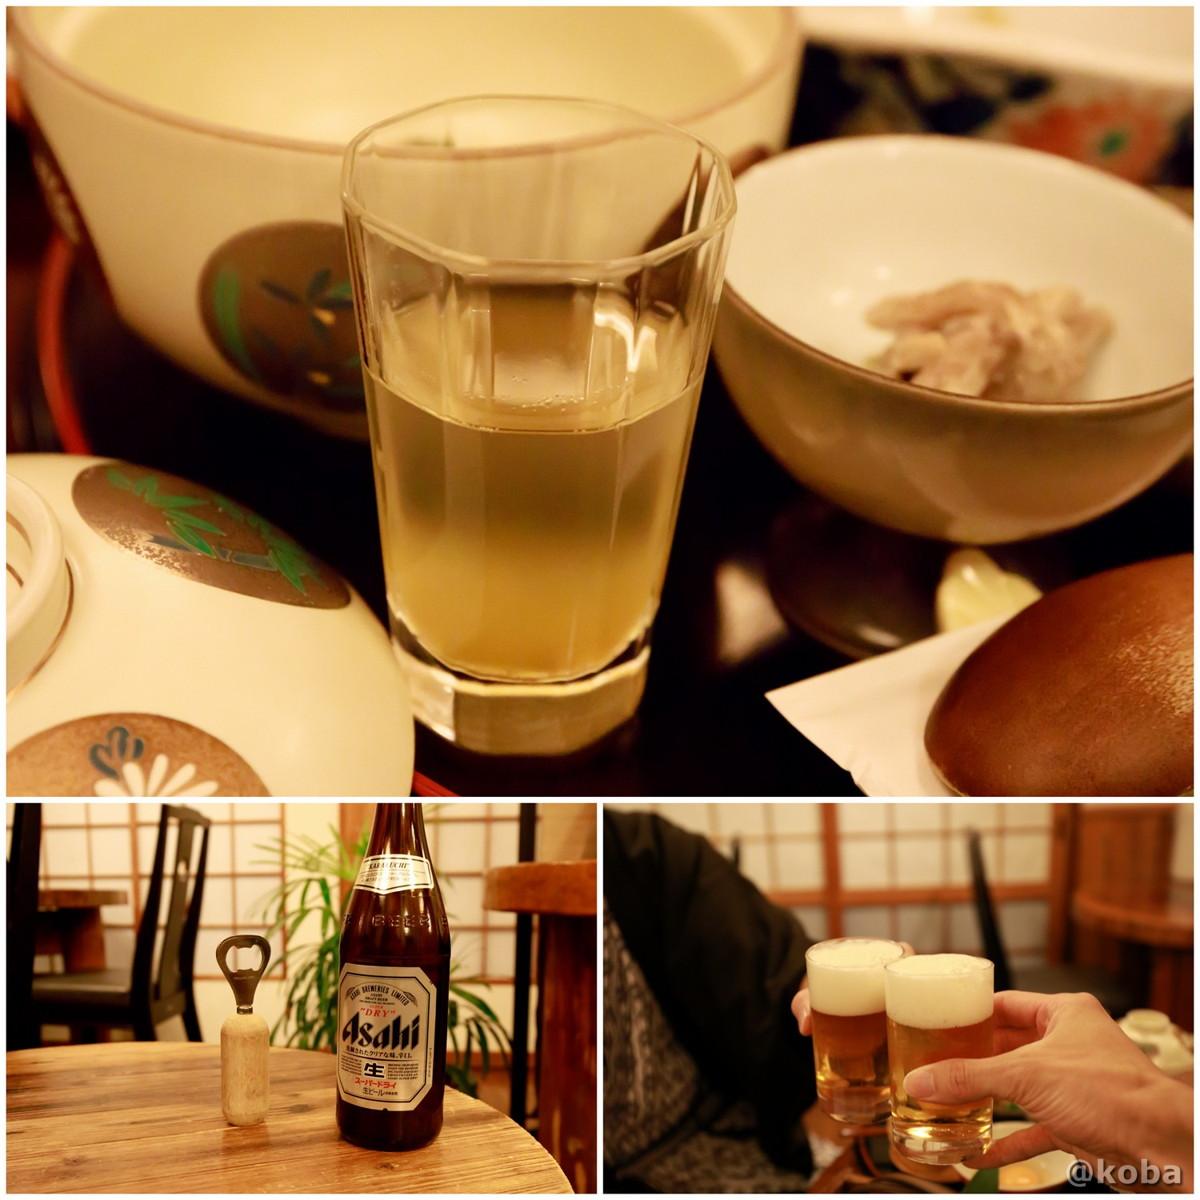 食前水・自家製の梅のジュースとアサヒ瓶ビールの写真 燕温泉 樺太館(つばめおんせん からふとかん)新潟県 妙高市